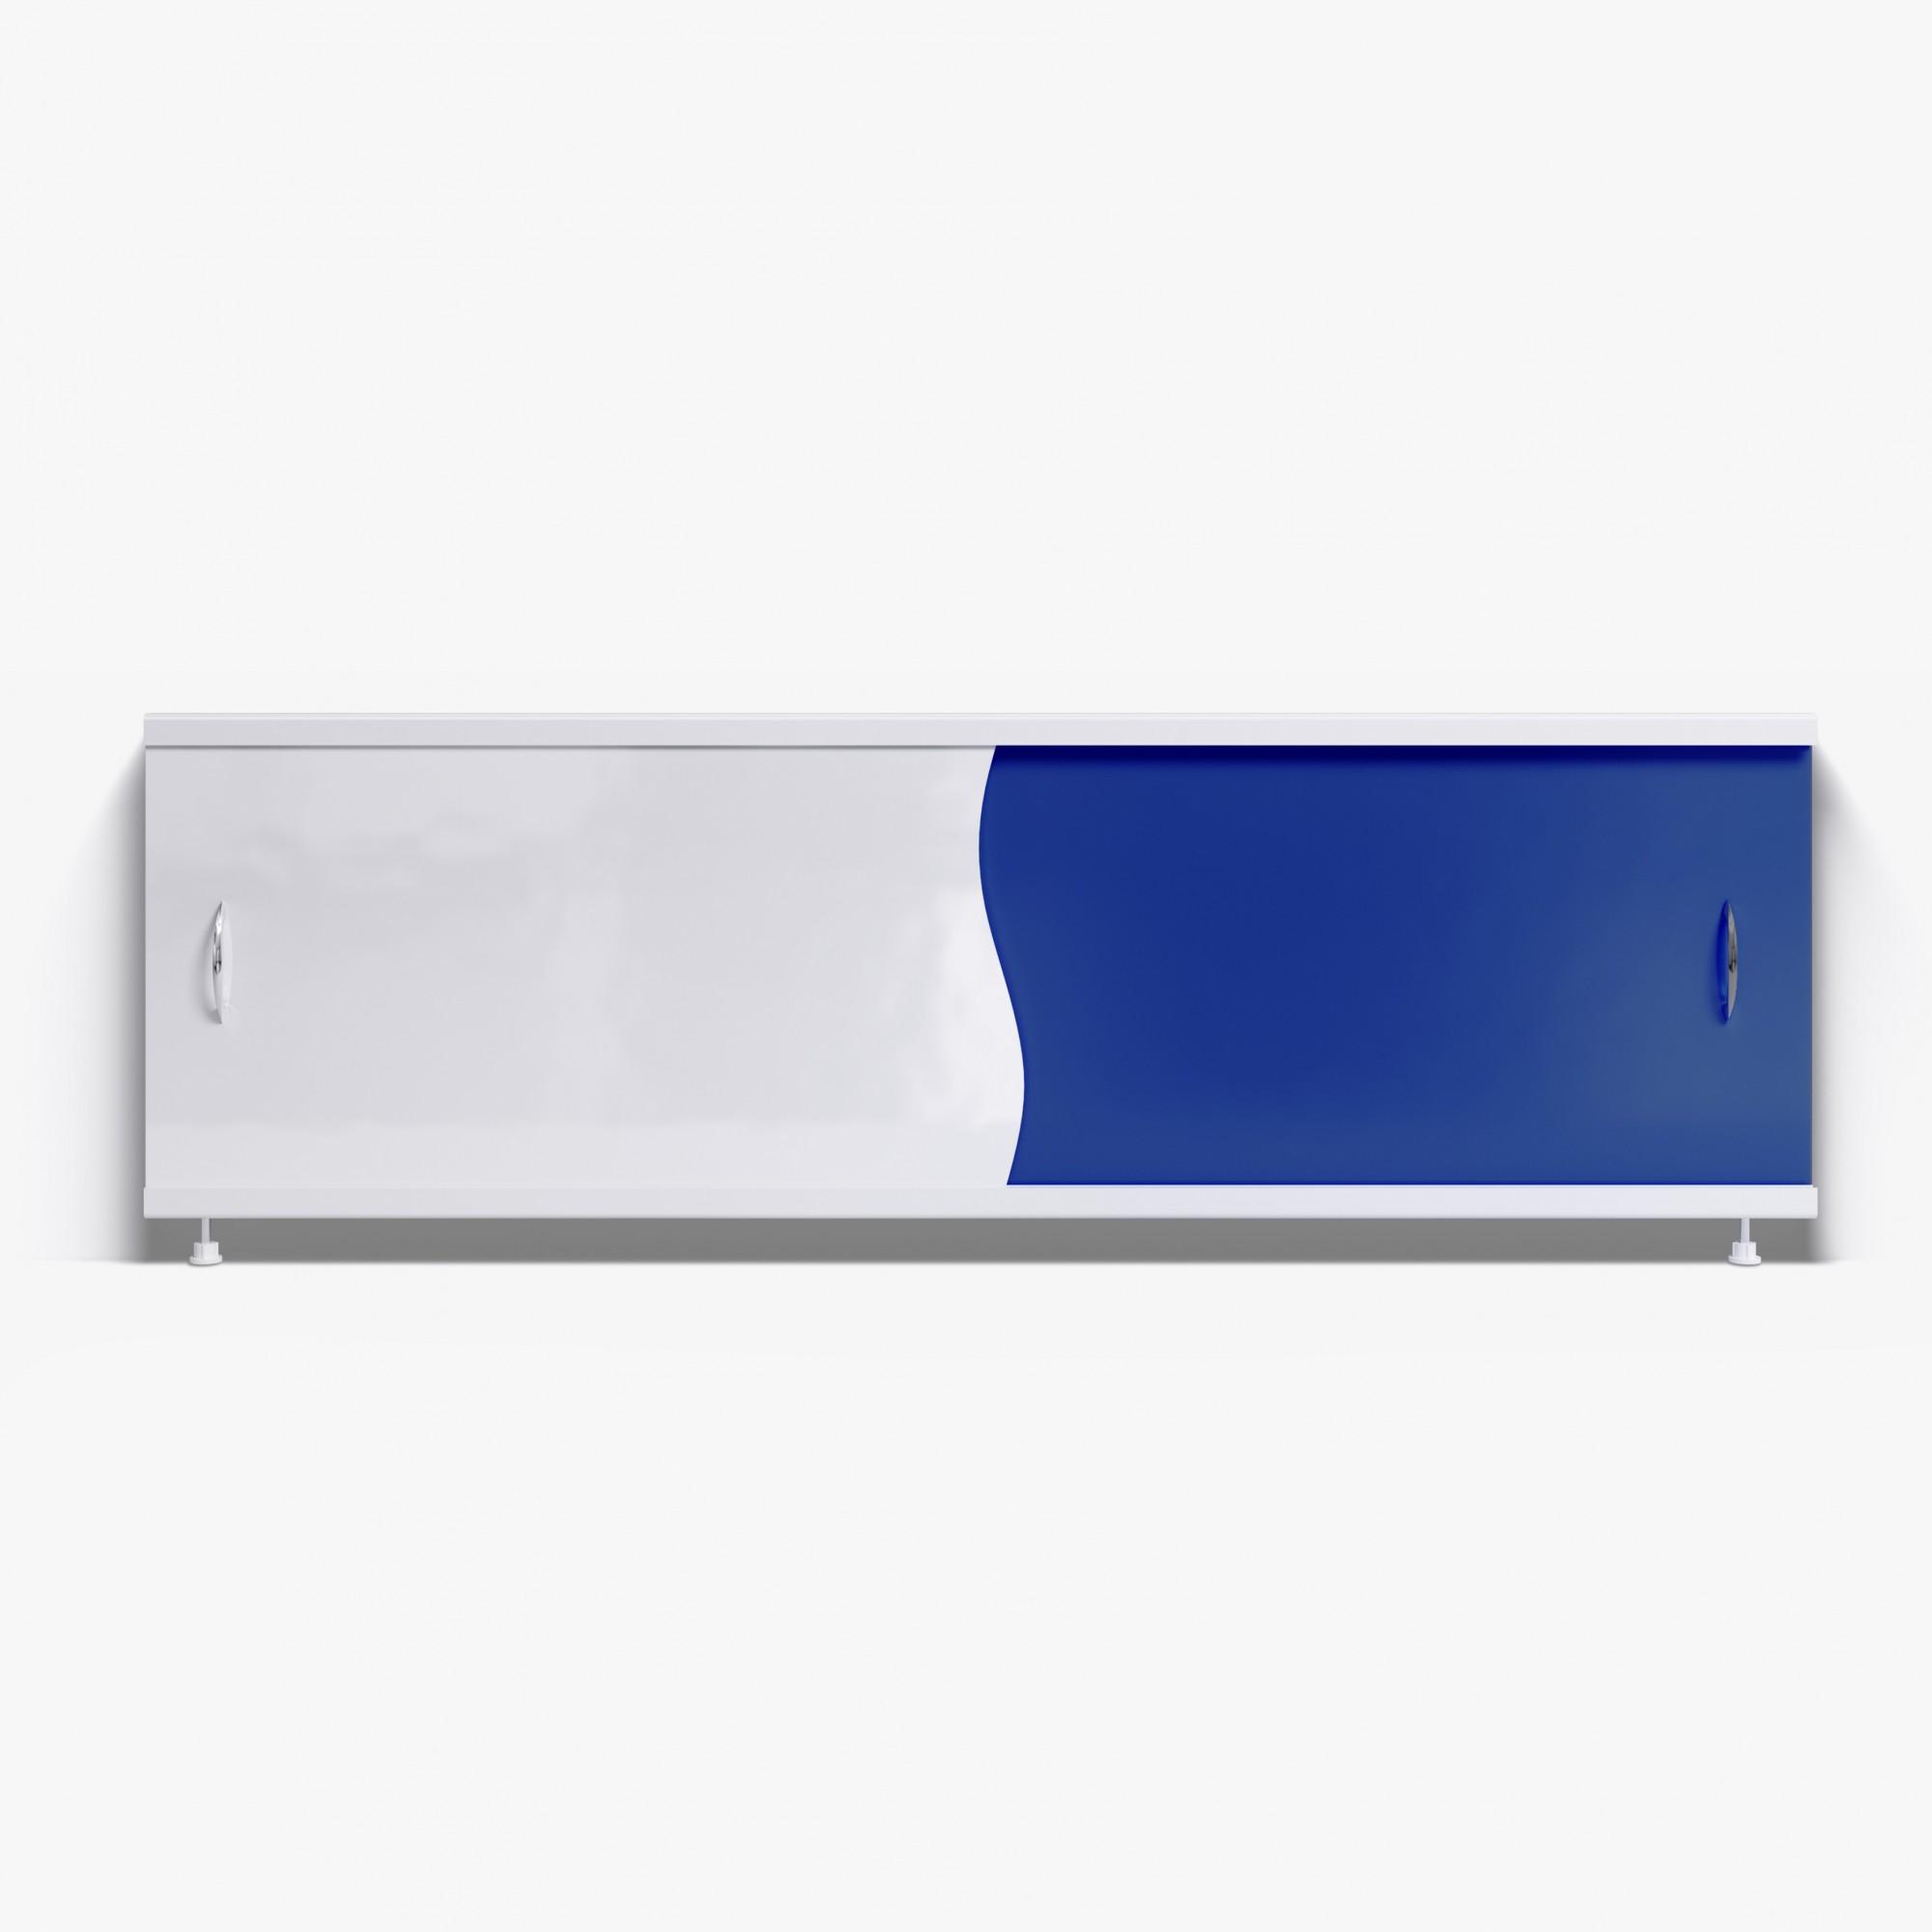 Экран под ванну Комби 170 синий